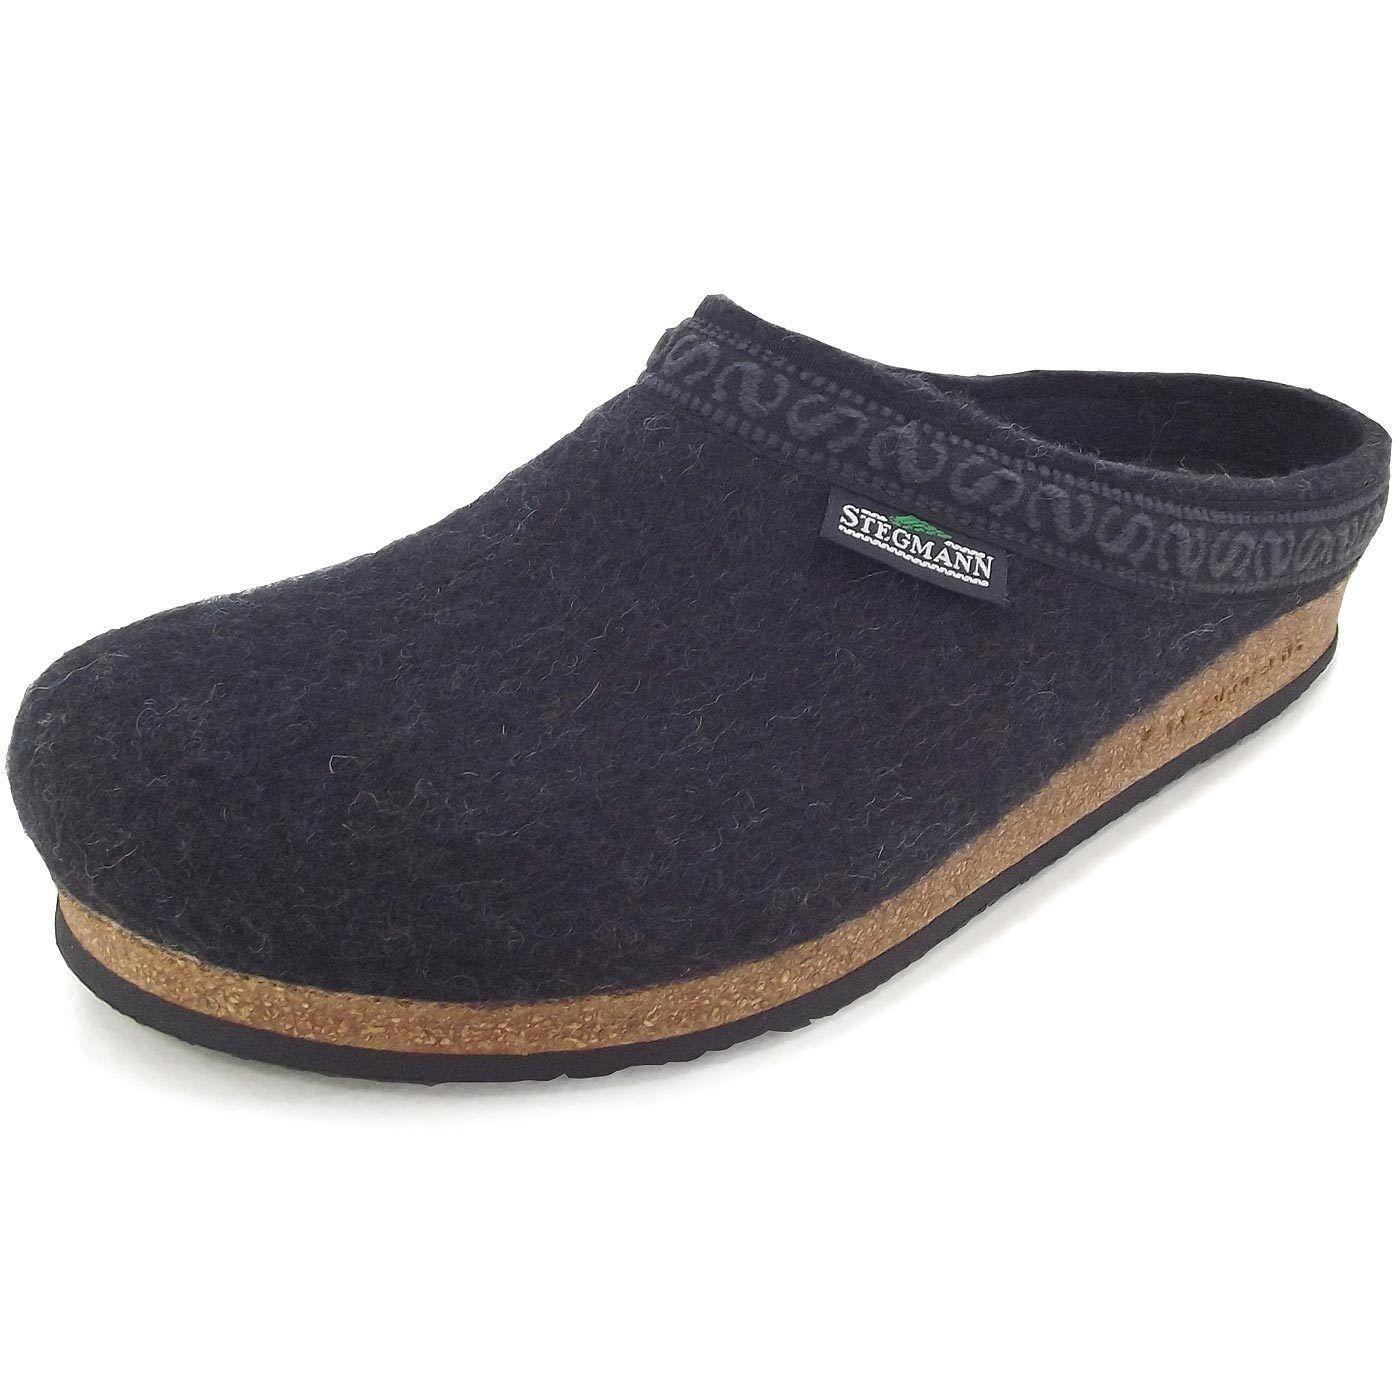 Billig gute Qualität Stegmann 108 Unisex Wollfilz-Pantoffeln graphit